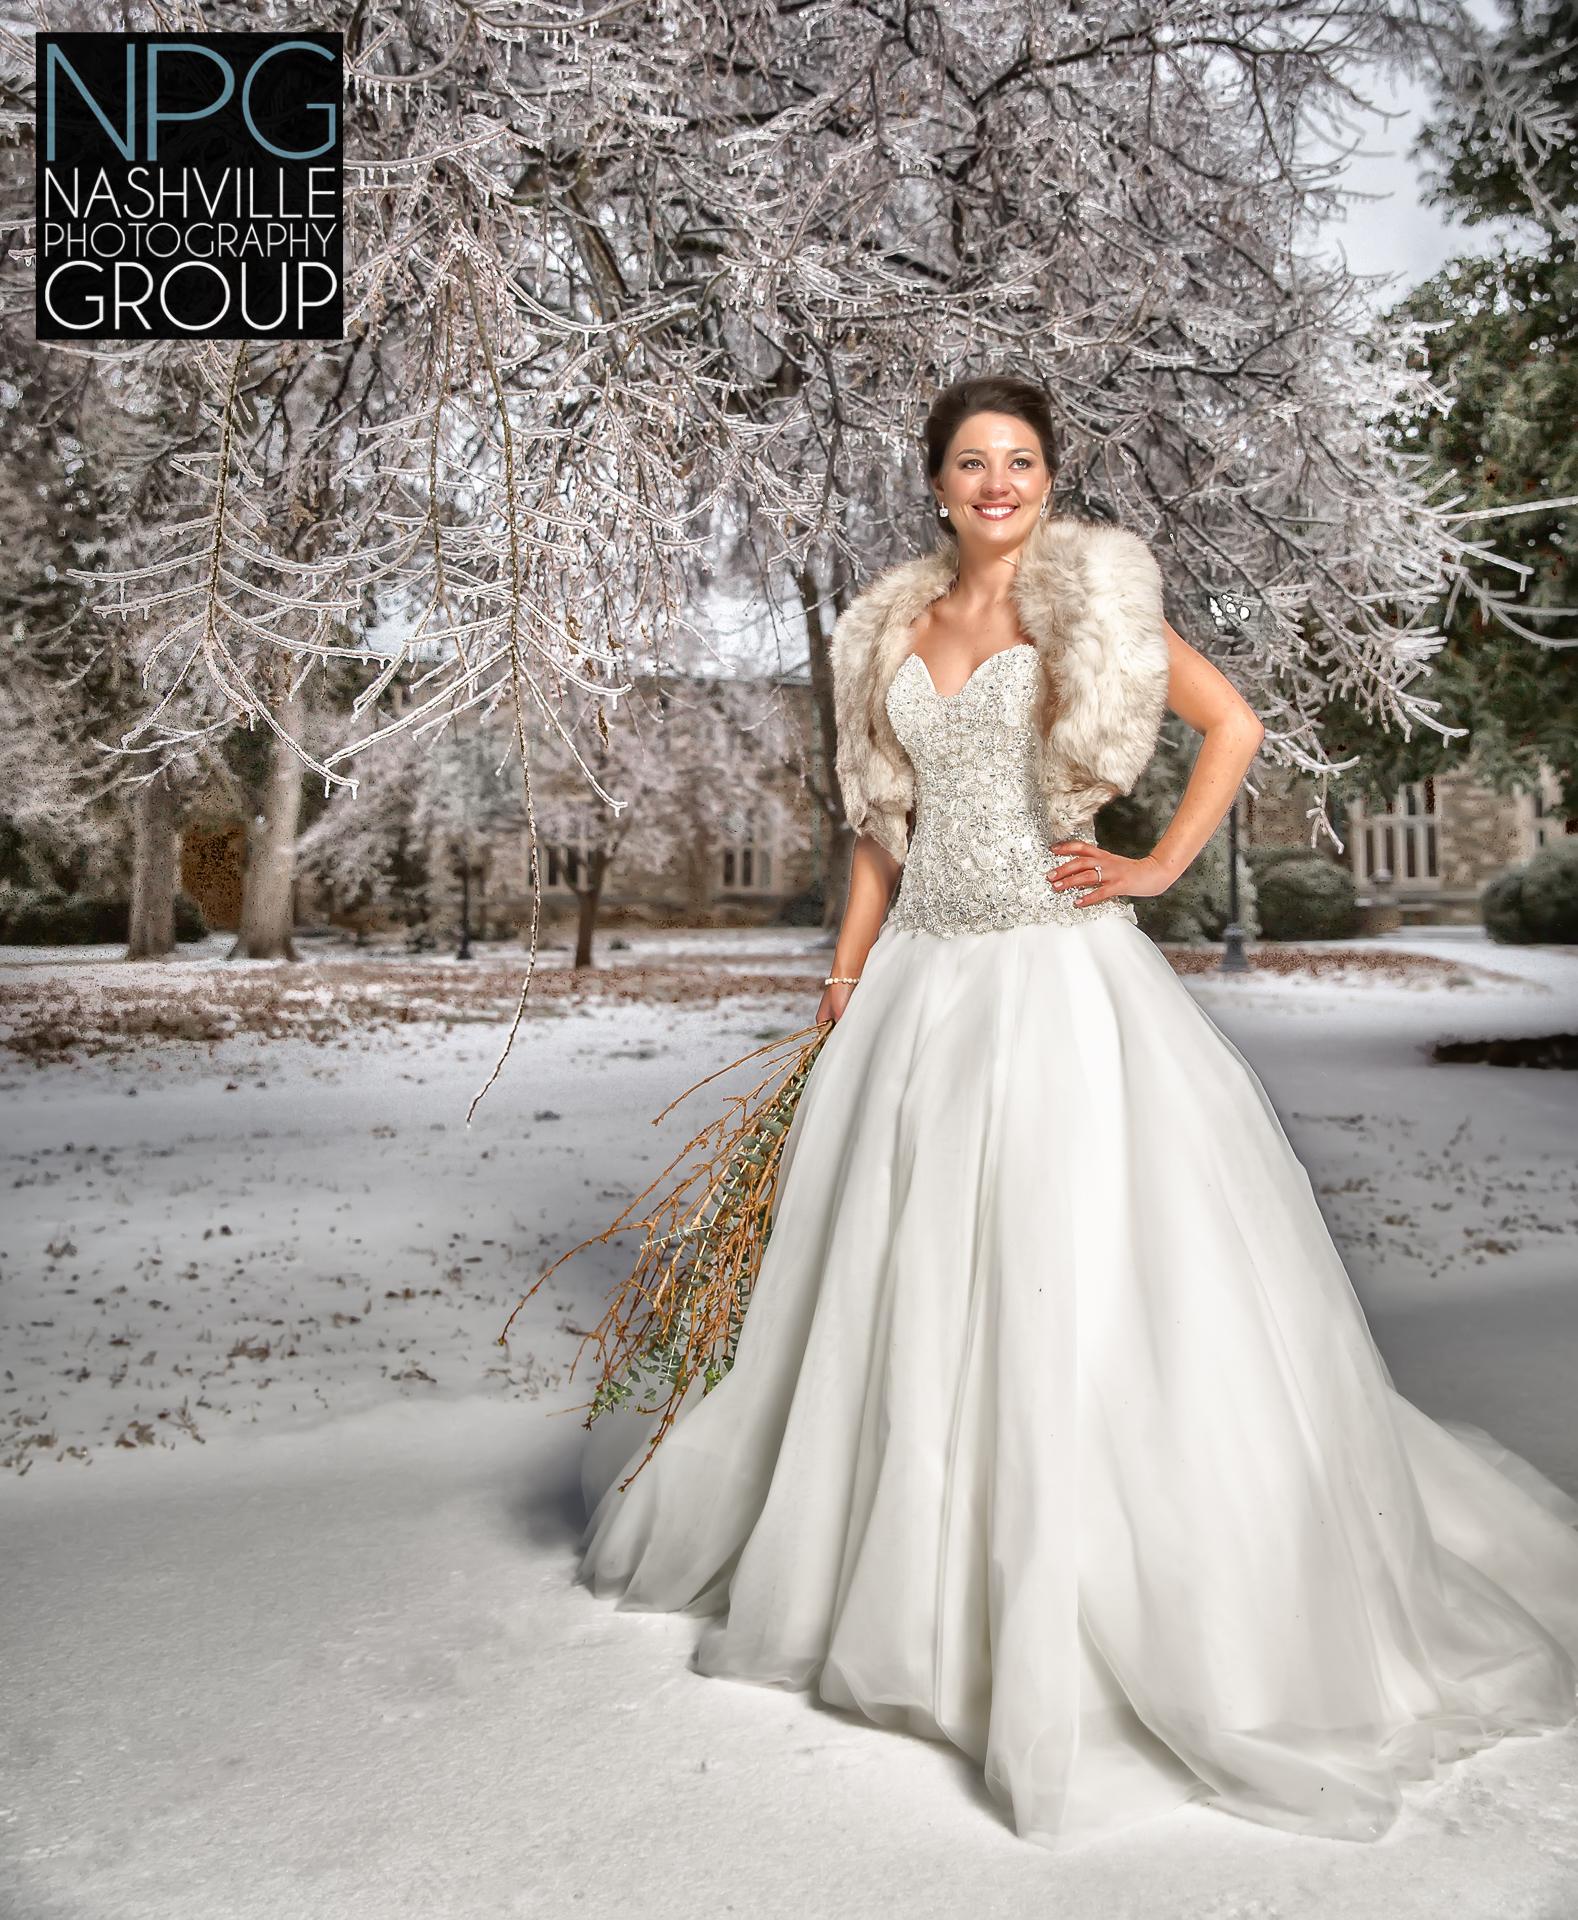 nashville wedding photographer - nashville photography group (4 of 4).jpg